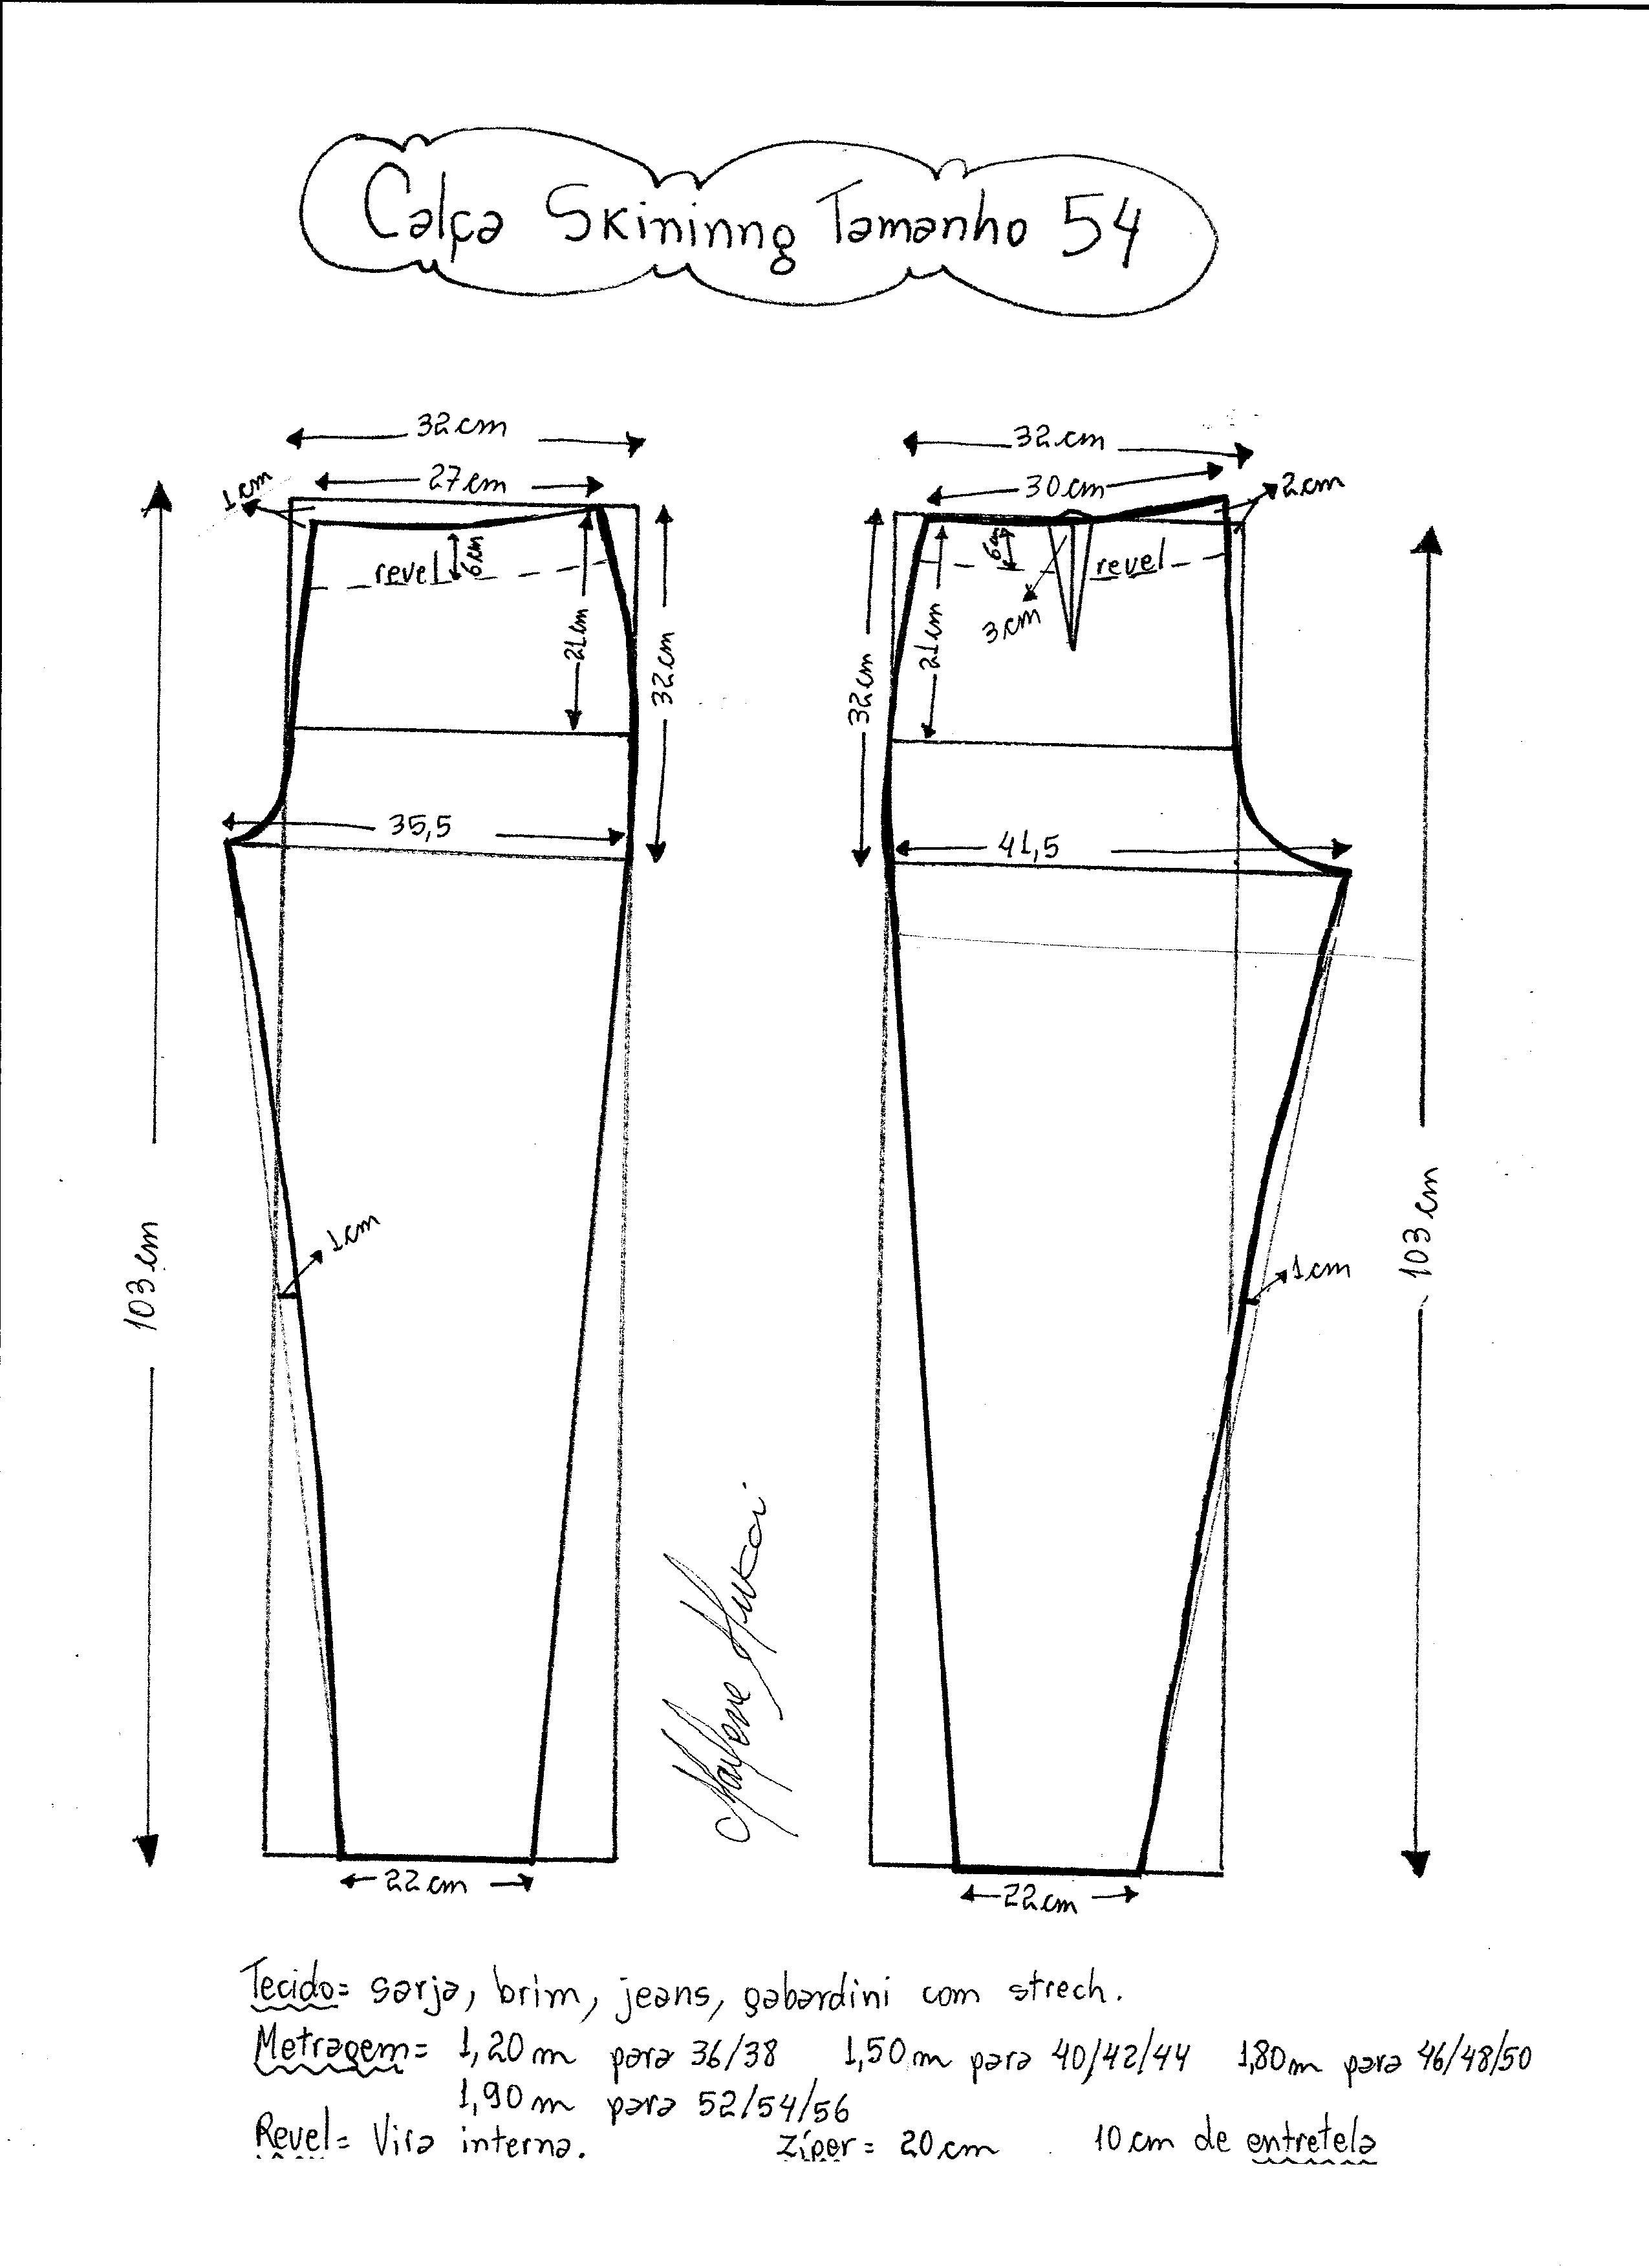 pantalones-ajustados-54